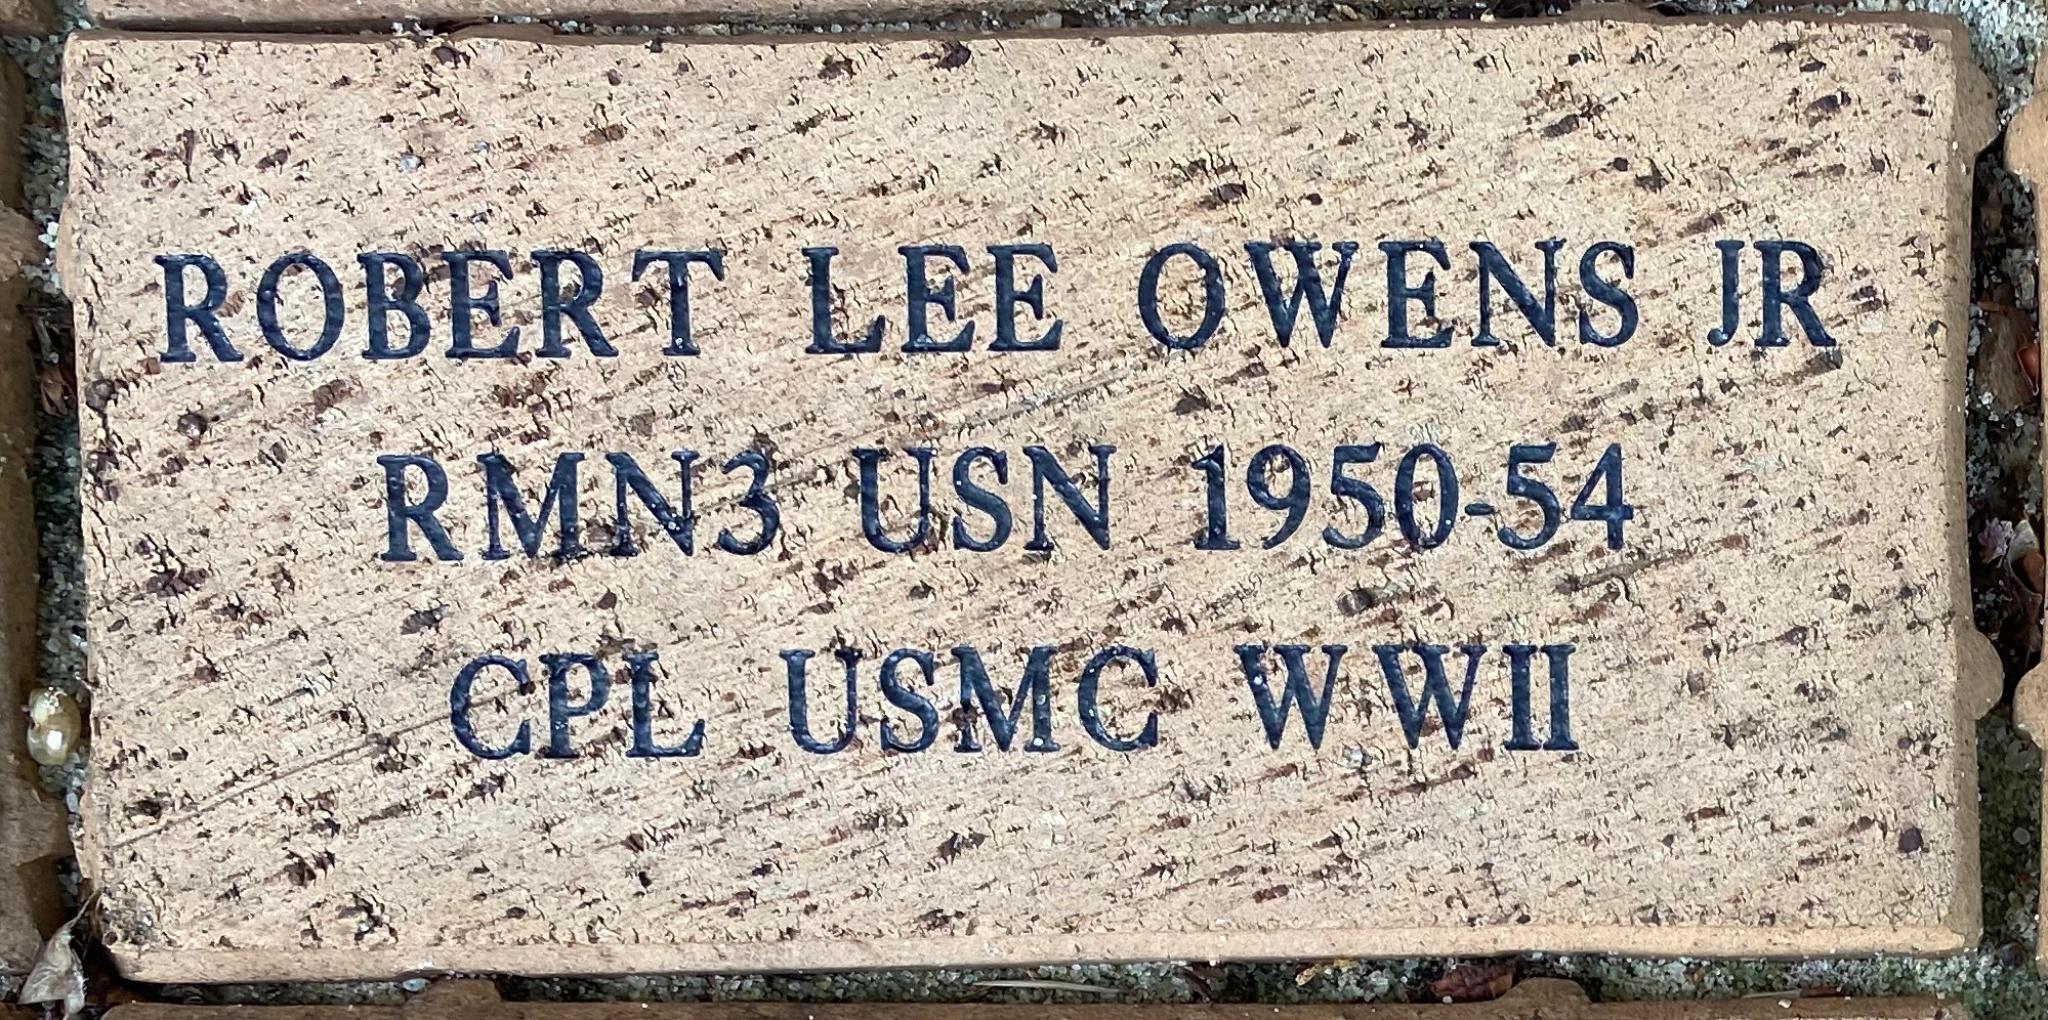 ROBERT LEE OWENS JR RMN3 USN 1950-54 CPL USMC WWII